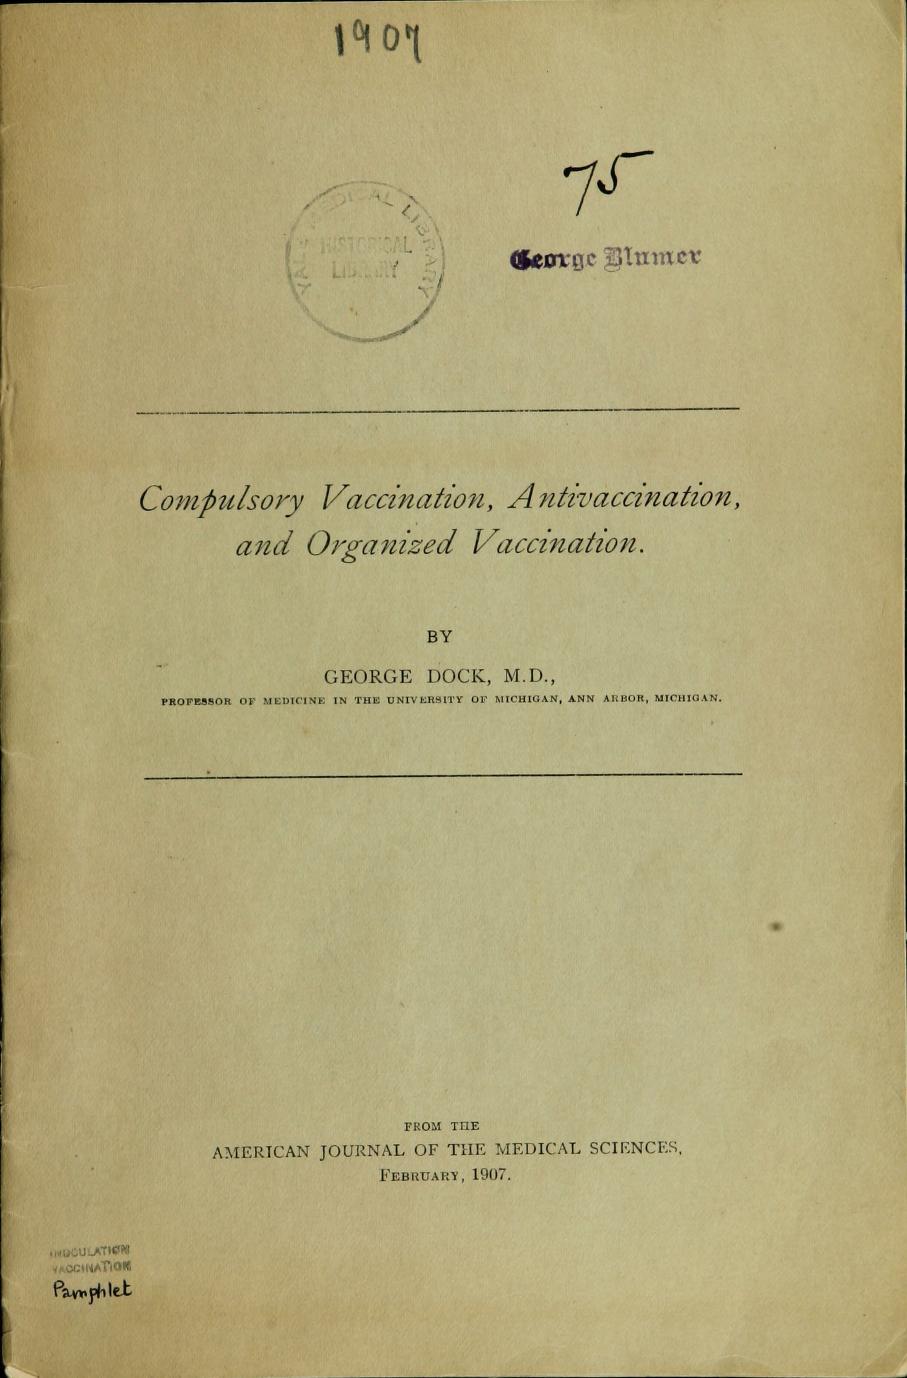 """乔治码头,""""强制免疫,Antivaccination,并组织接种,""""美国杂志的医学科学,1907年2月。"""